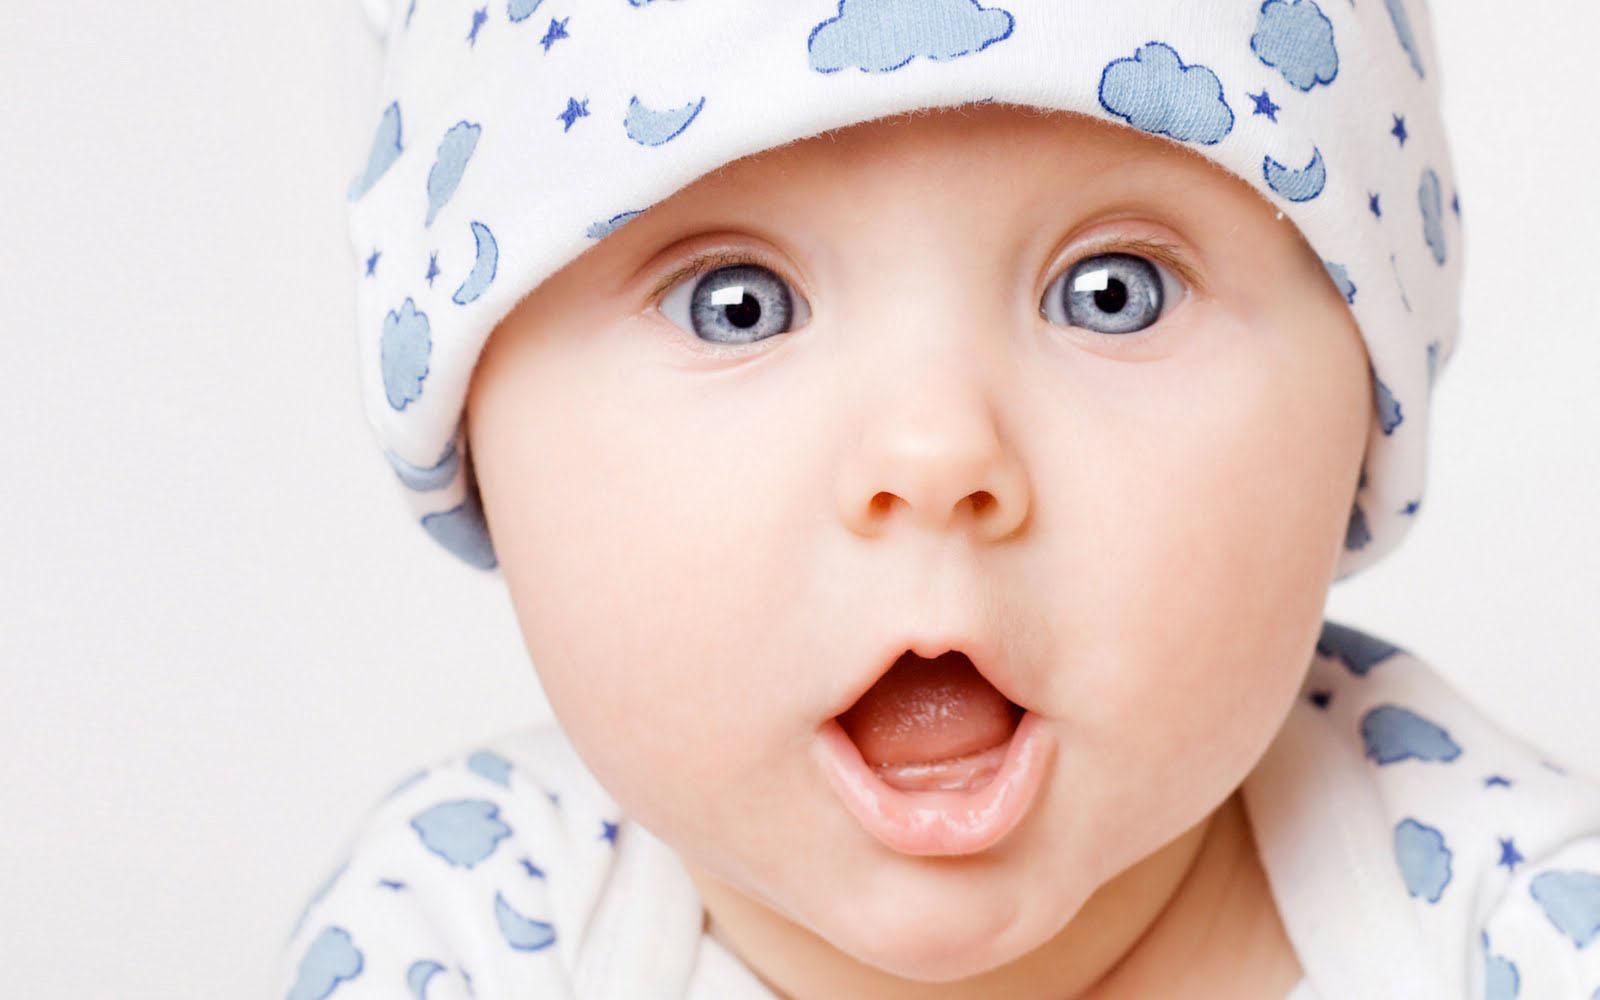 http://1.bp.blogspot.com/-THh941GUTZQ/T3a4uUX035I/AAAAAAAABjg/B8b8de6sUqI/s1600/Cute%2BBabies%2BHd%2BWallpapers%2B1.jpg